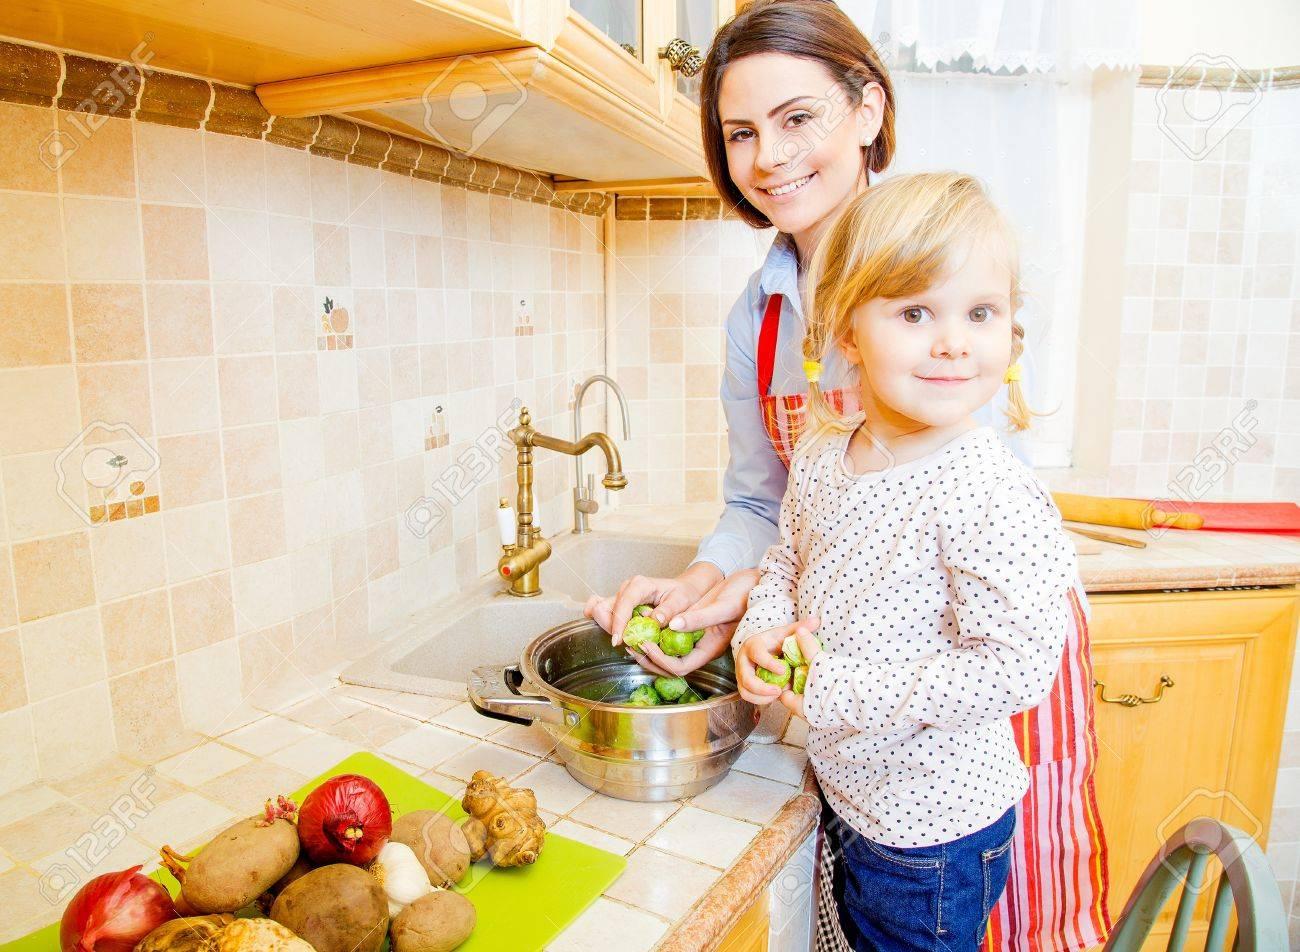 Señoras Bonitas En La Cocina Cocinar Juntos Fotos Retratos